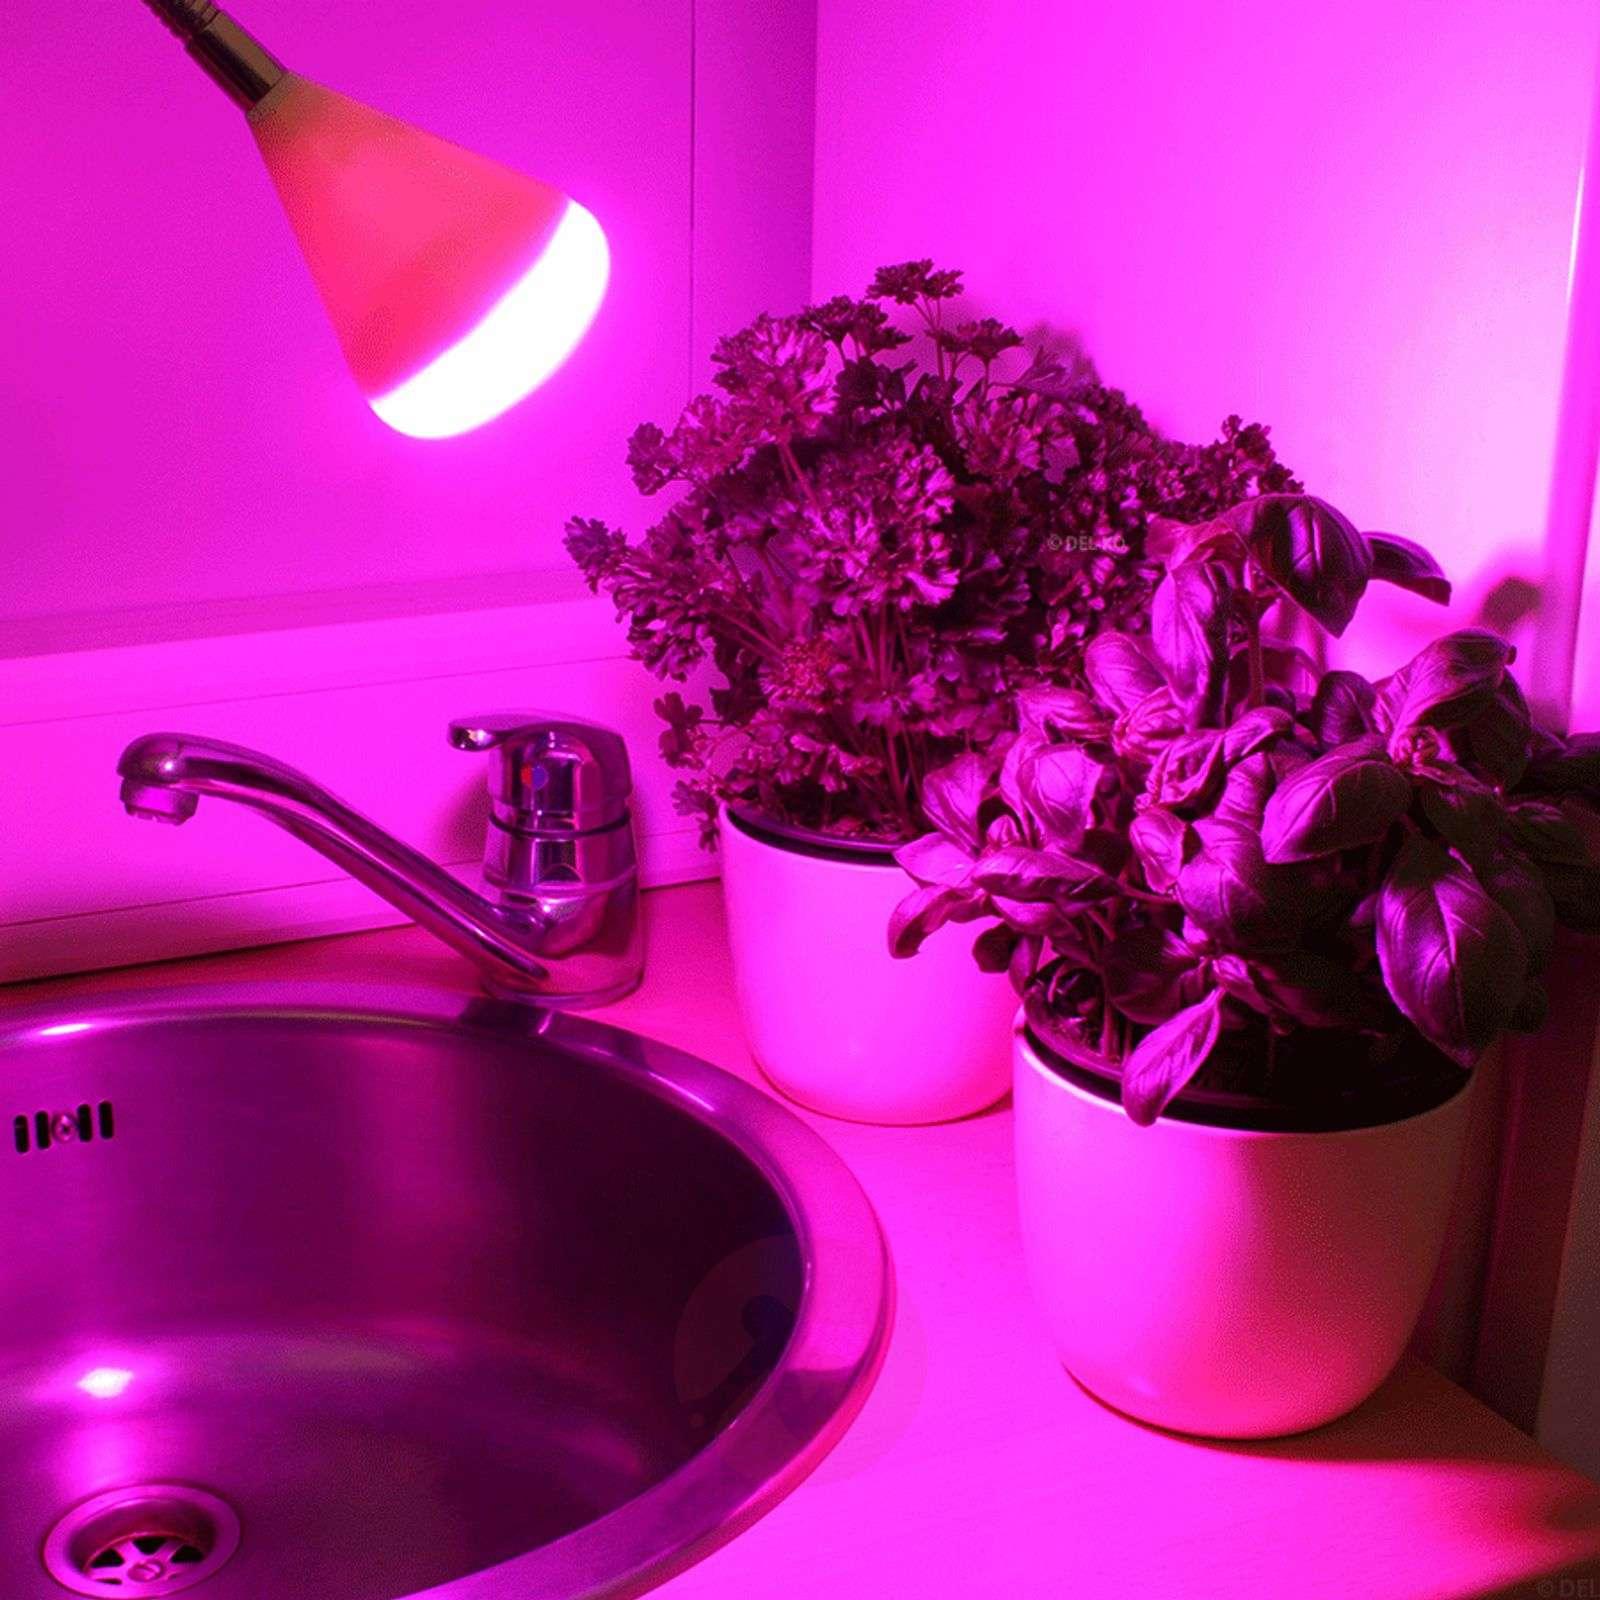 LED clip-on light GoLeaf for plant lighting-2515068-02